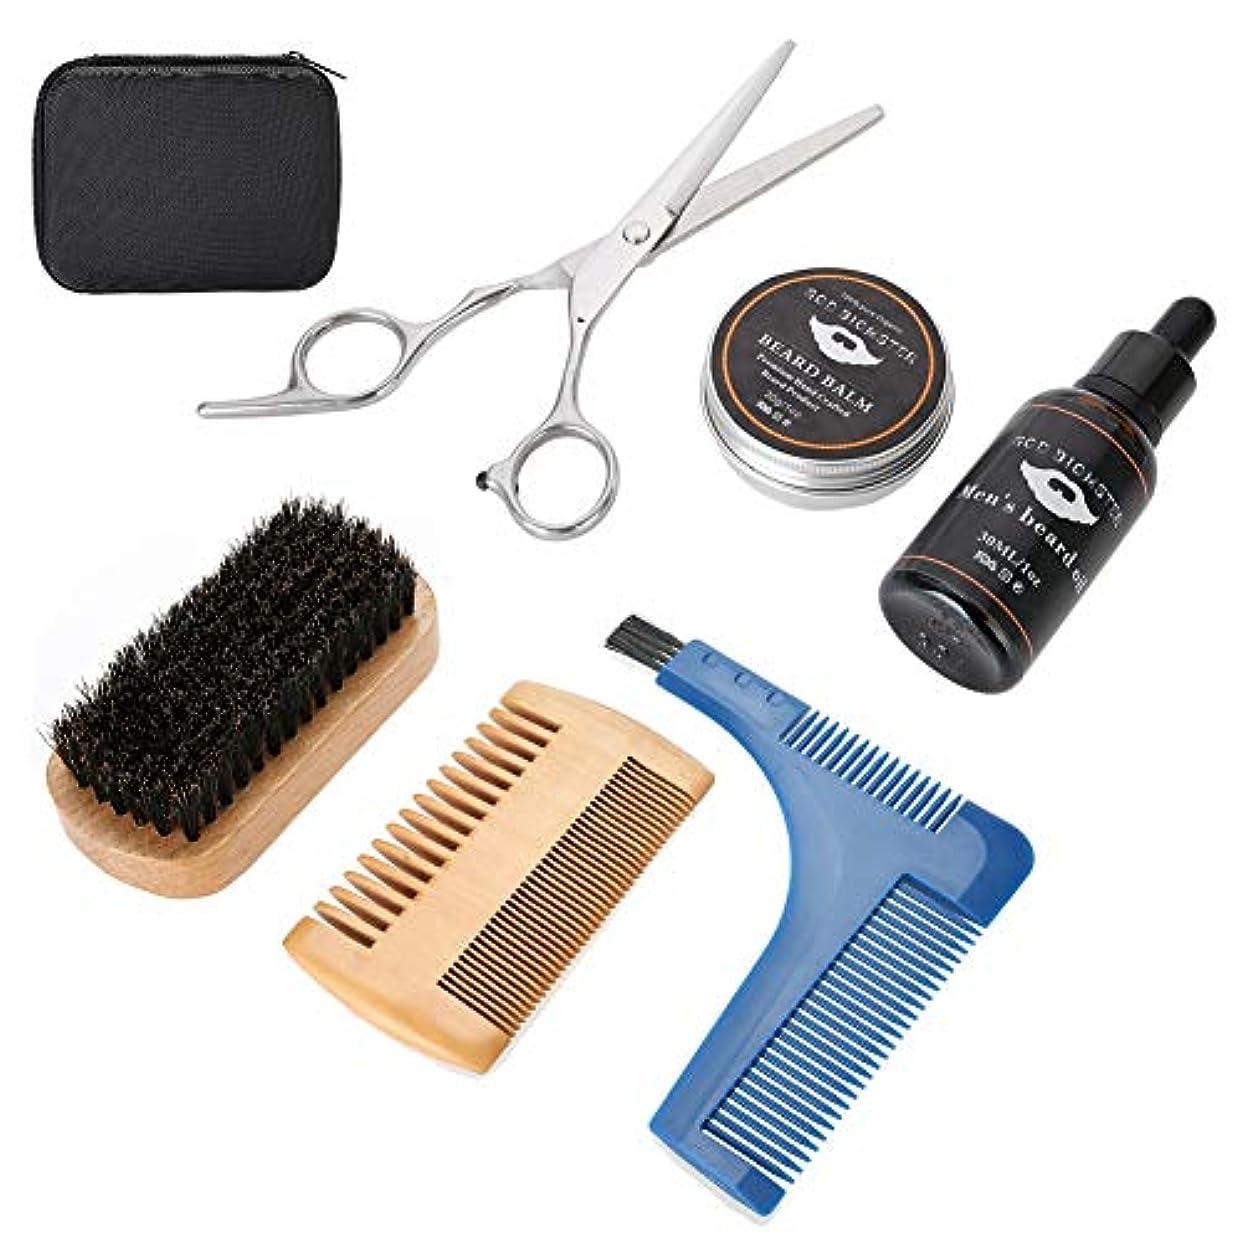 出演者殺人者窒息させる男性のひげセット、木材製+クリスタル素材ポータブルブラシひげシェービングクリーニングツール用男性ひげ剃り